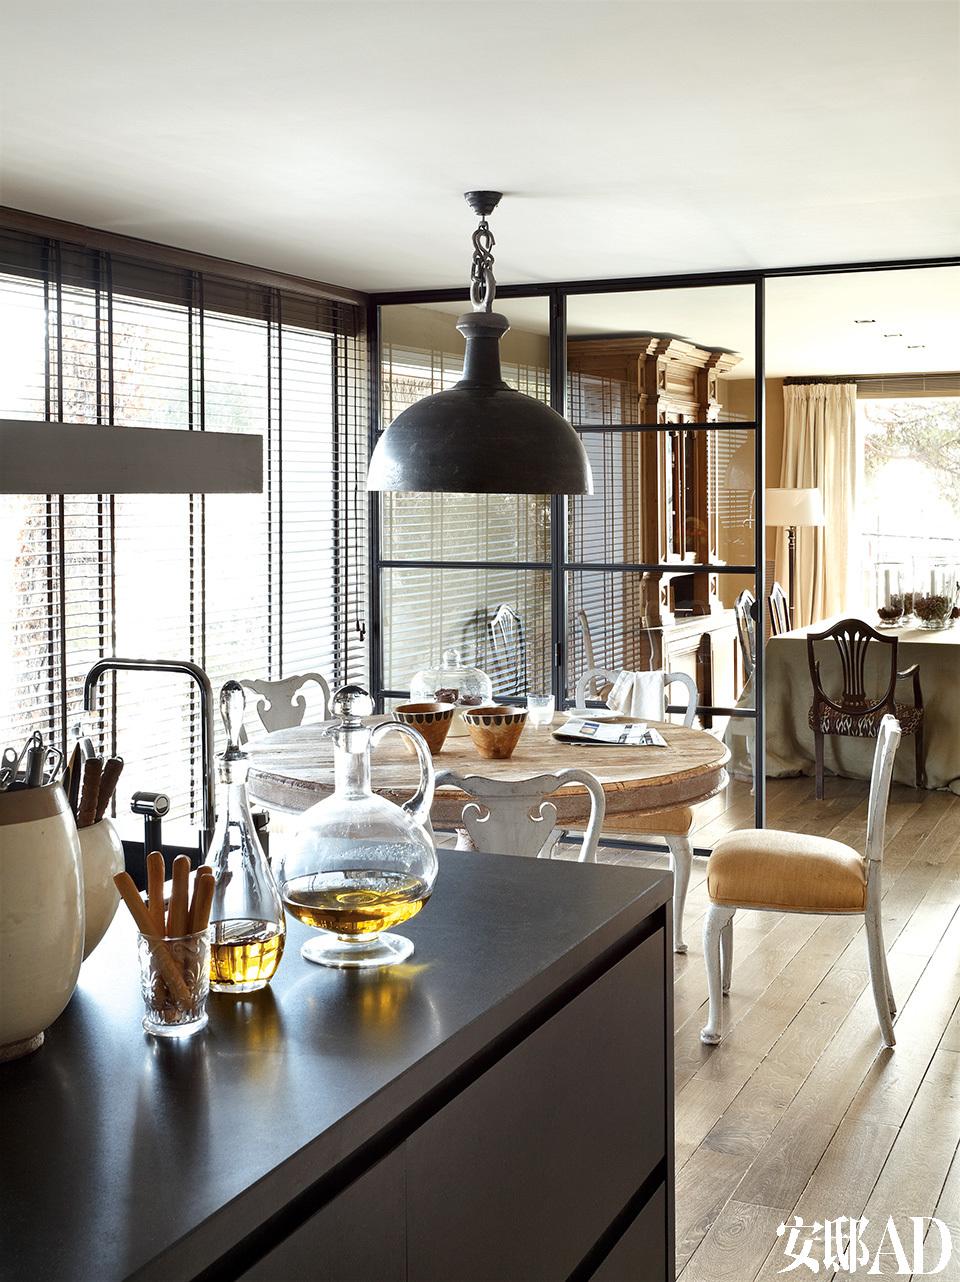 光线好是这个家的一大亮点,为了获取更多光线,厨房和餐厅之间还用了透明玻璃隔断。紧邻厨房的日常餐厅,中间摆着一张19世纪法式圆桌,Gustavian印花座椅来自瑞士。做旧的工业吊灯、铝制厨房家具、水晶油瓶等物品均可在设计师Toni的Azul Tierra商店购得。